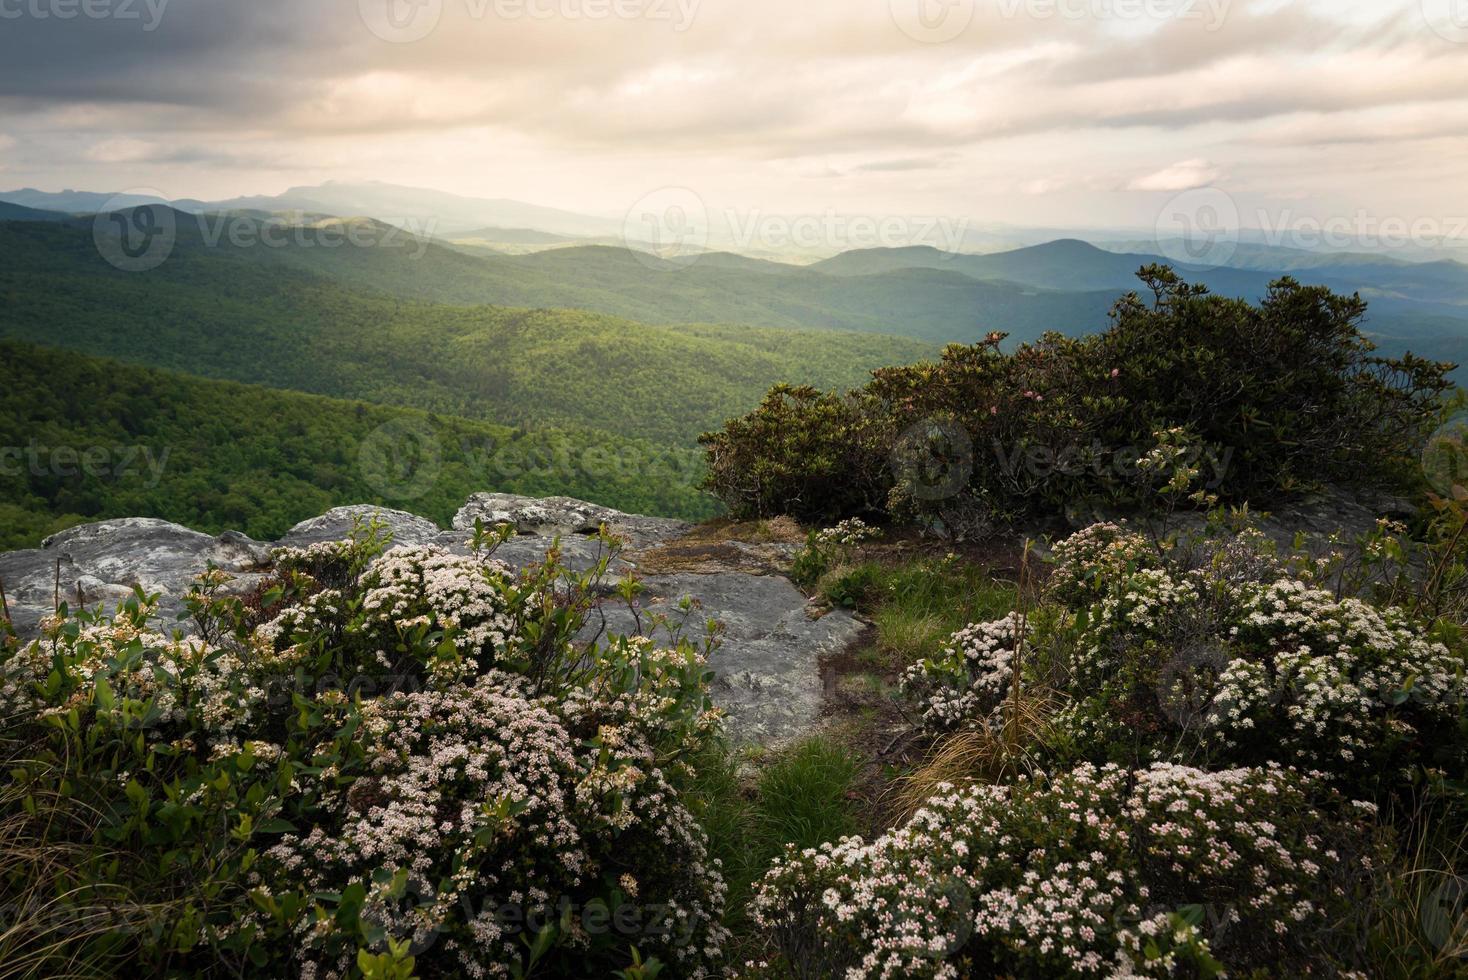 Hawksbill in Bloom photo